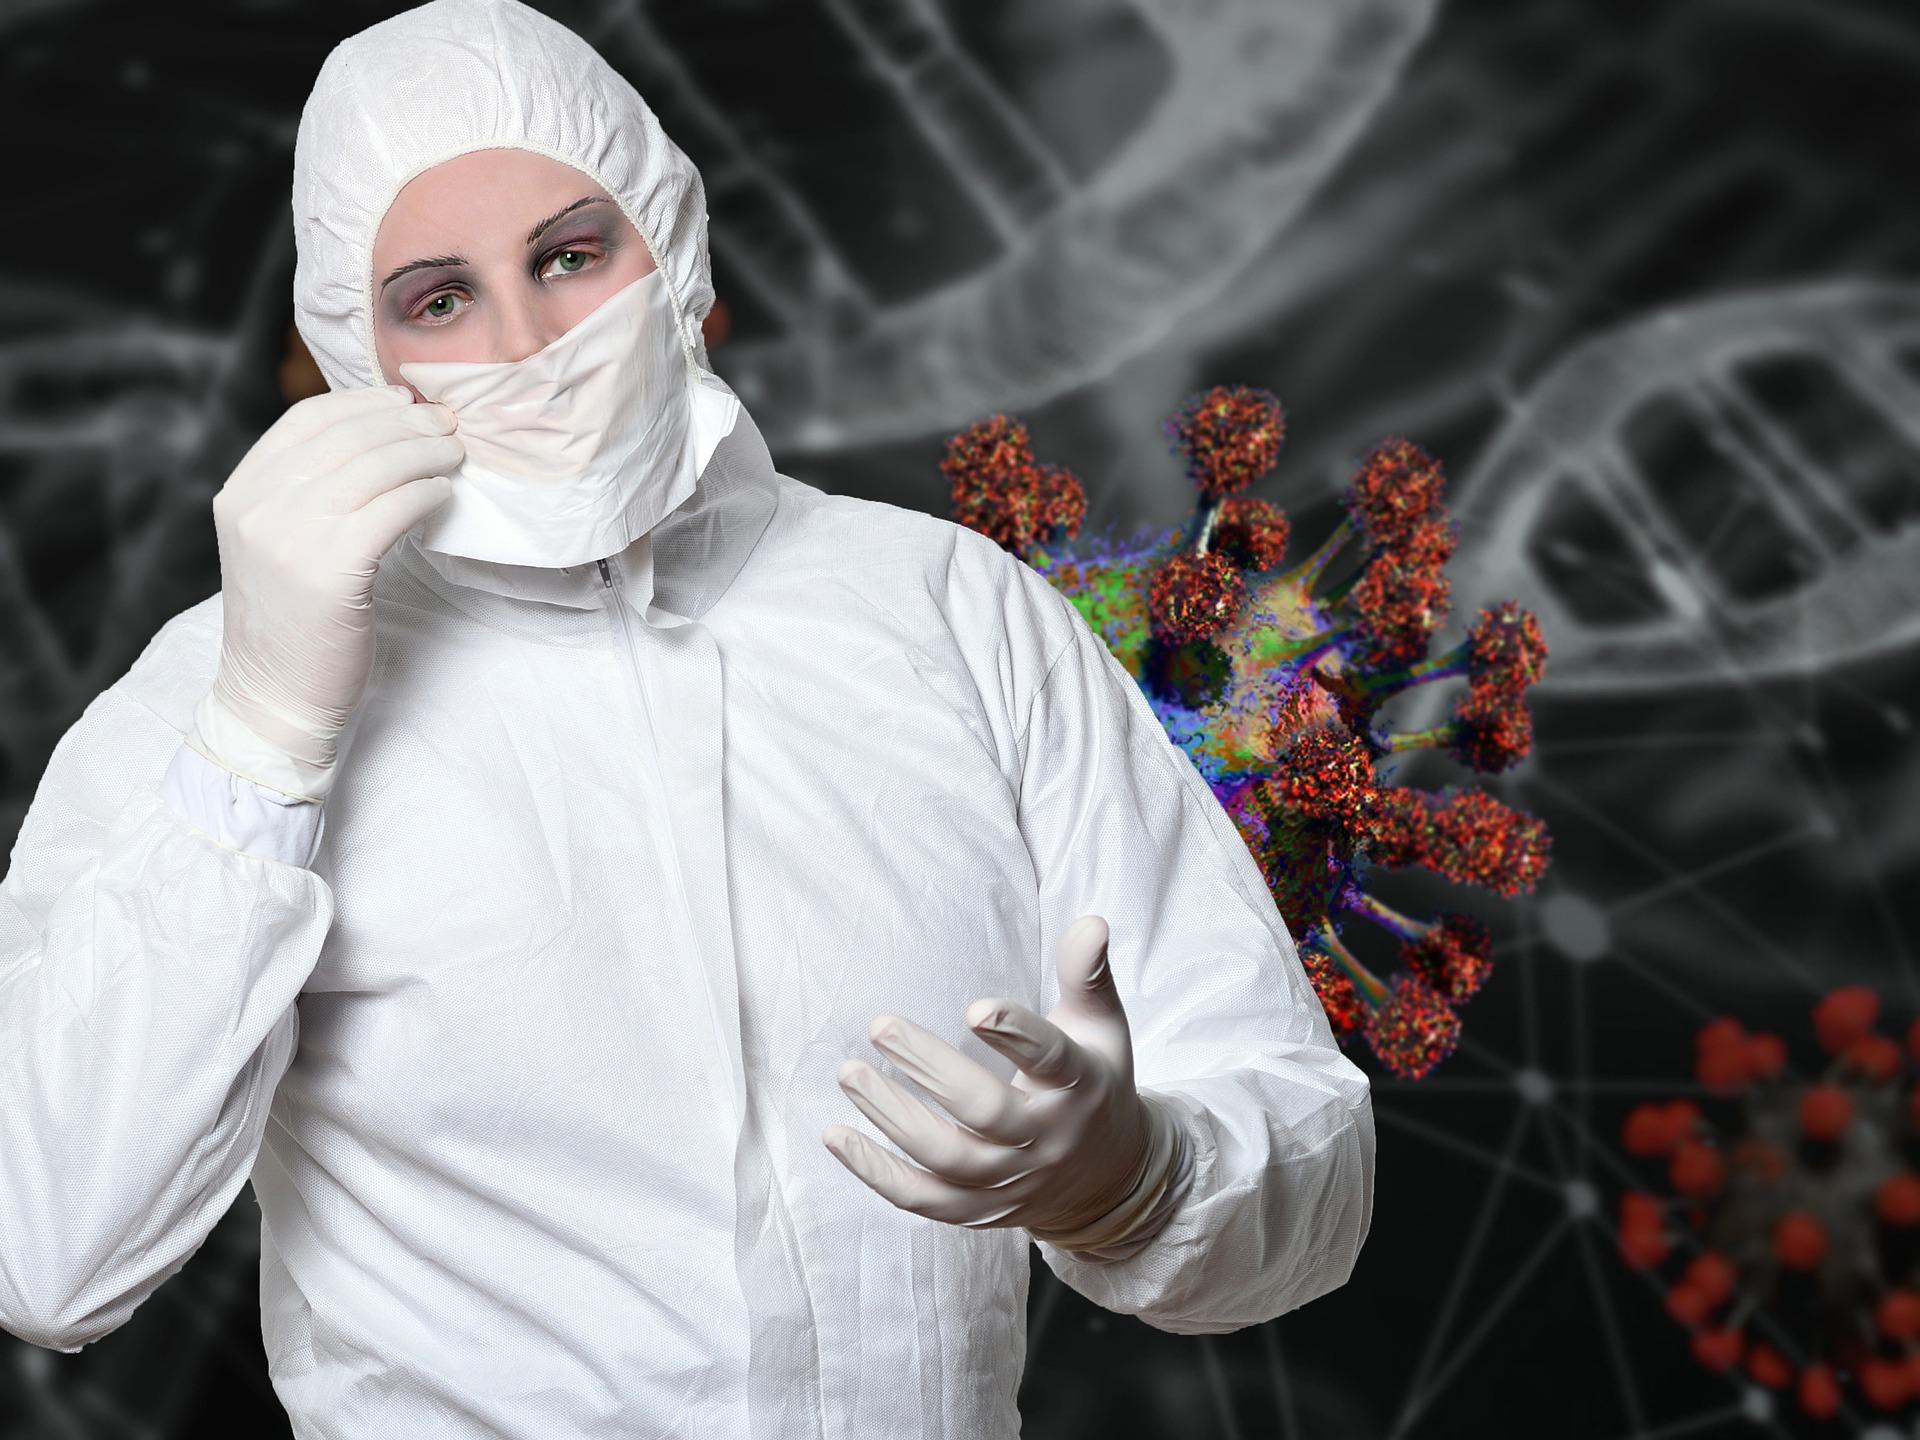 Доц. Нася Хаджиева, вирусолог: ДОКАТО СИ БОЛЕН ОТ ГРИП, НЯМА КАК ДА ХВАНЕШ КОРОНАВИРУС!